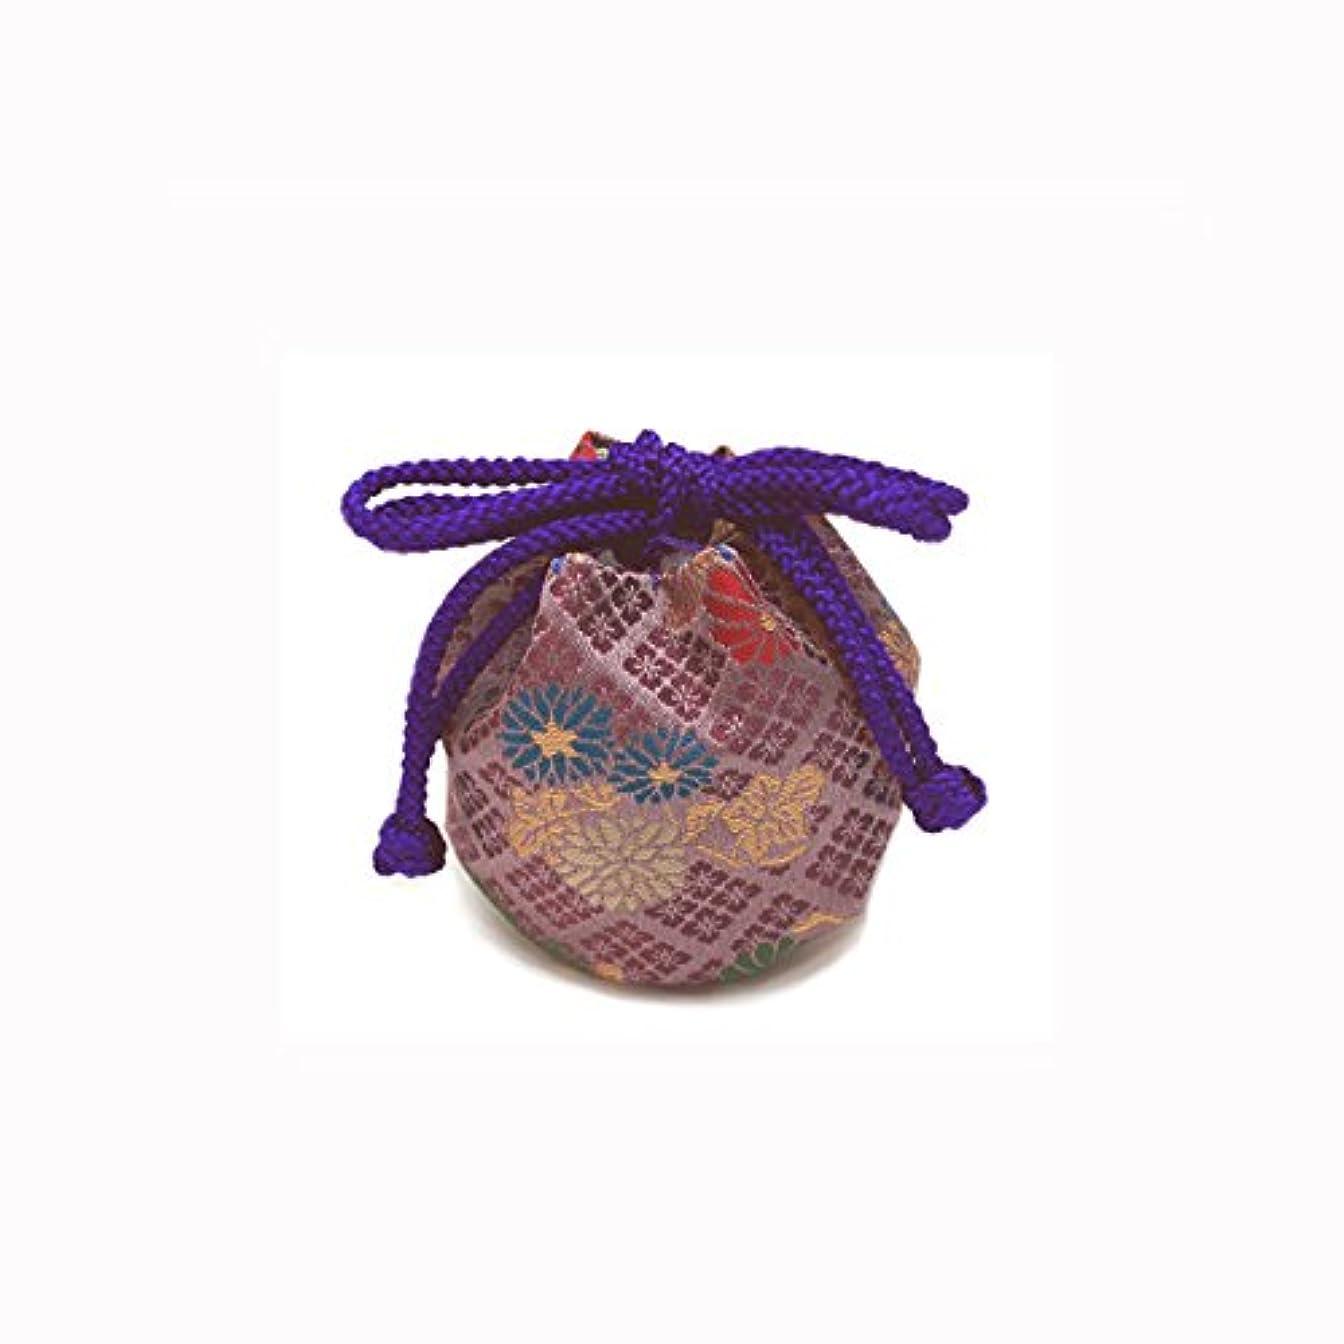 スプレー飢ブローホール御所袋 小 キンラン 紫系